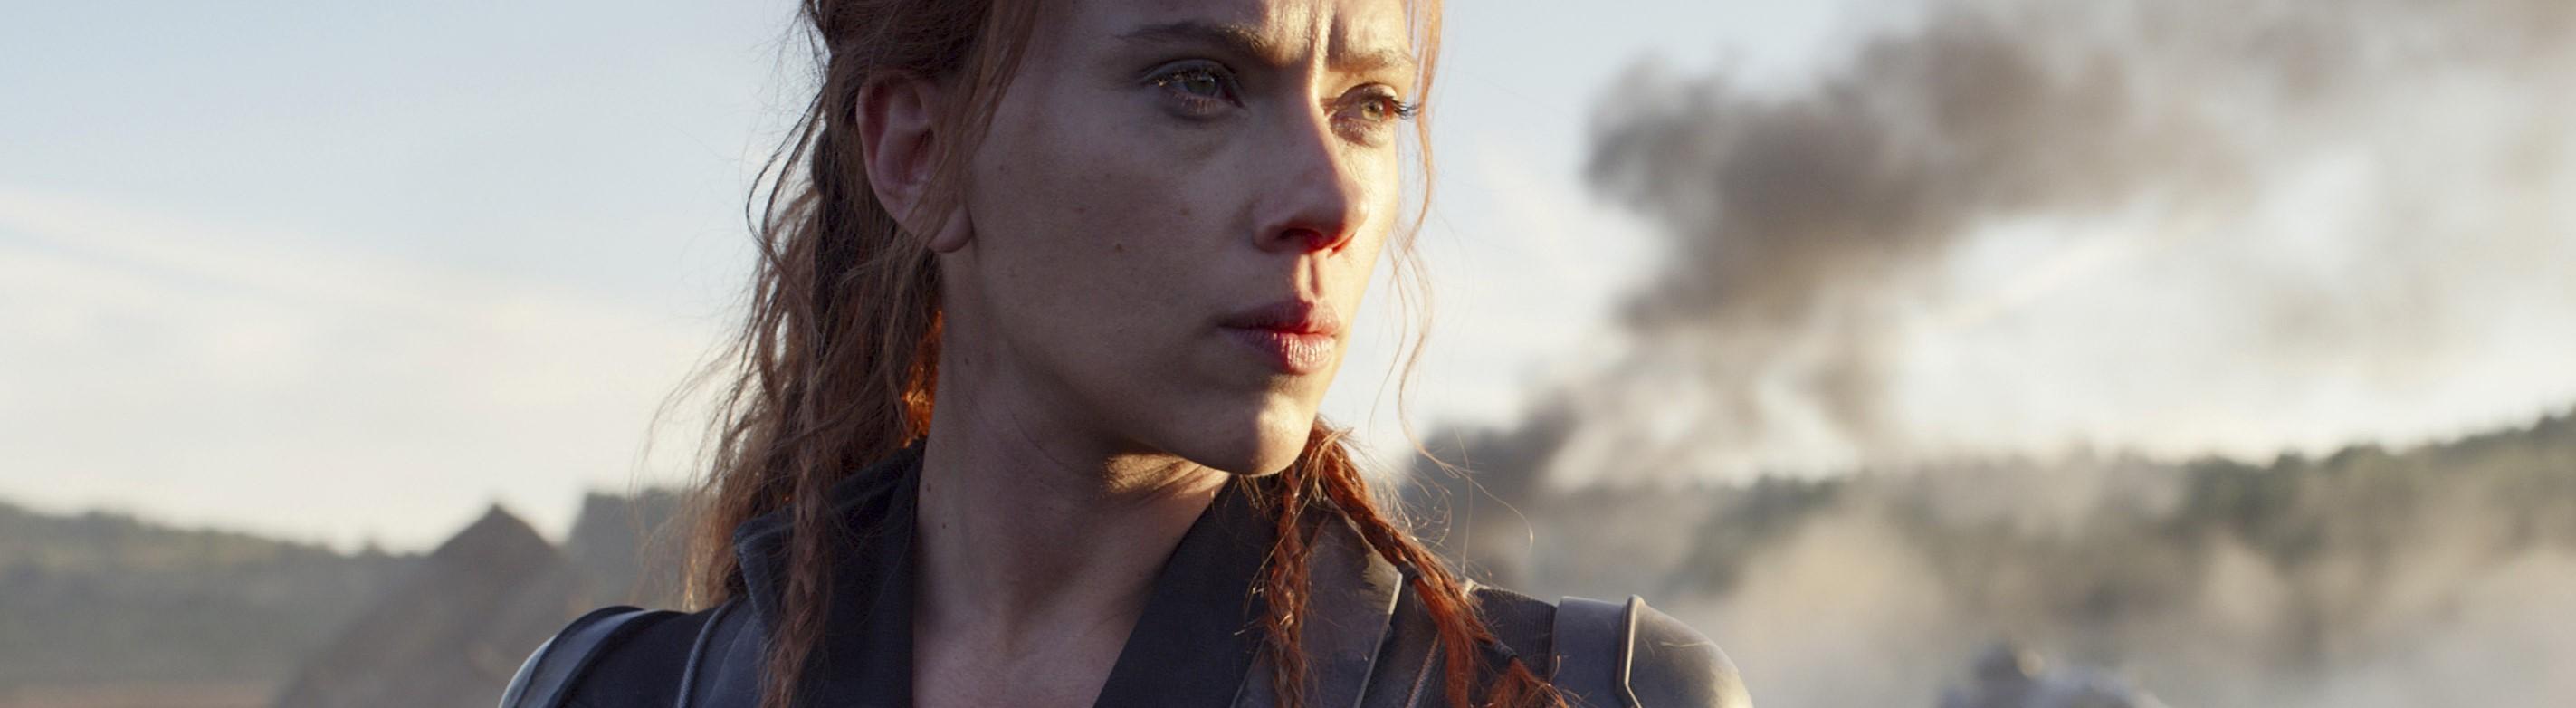 """Szene aus """"Black Widow"""" mit Scarlett Johansson"""